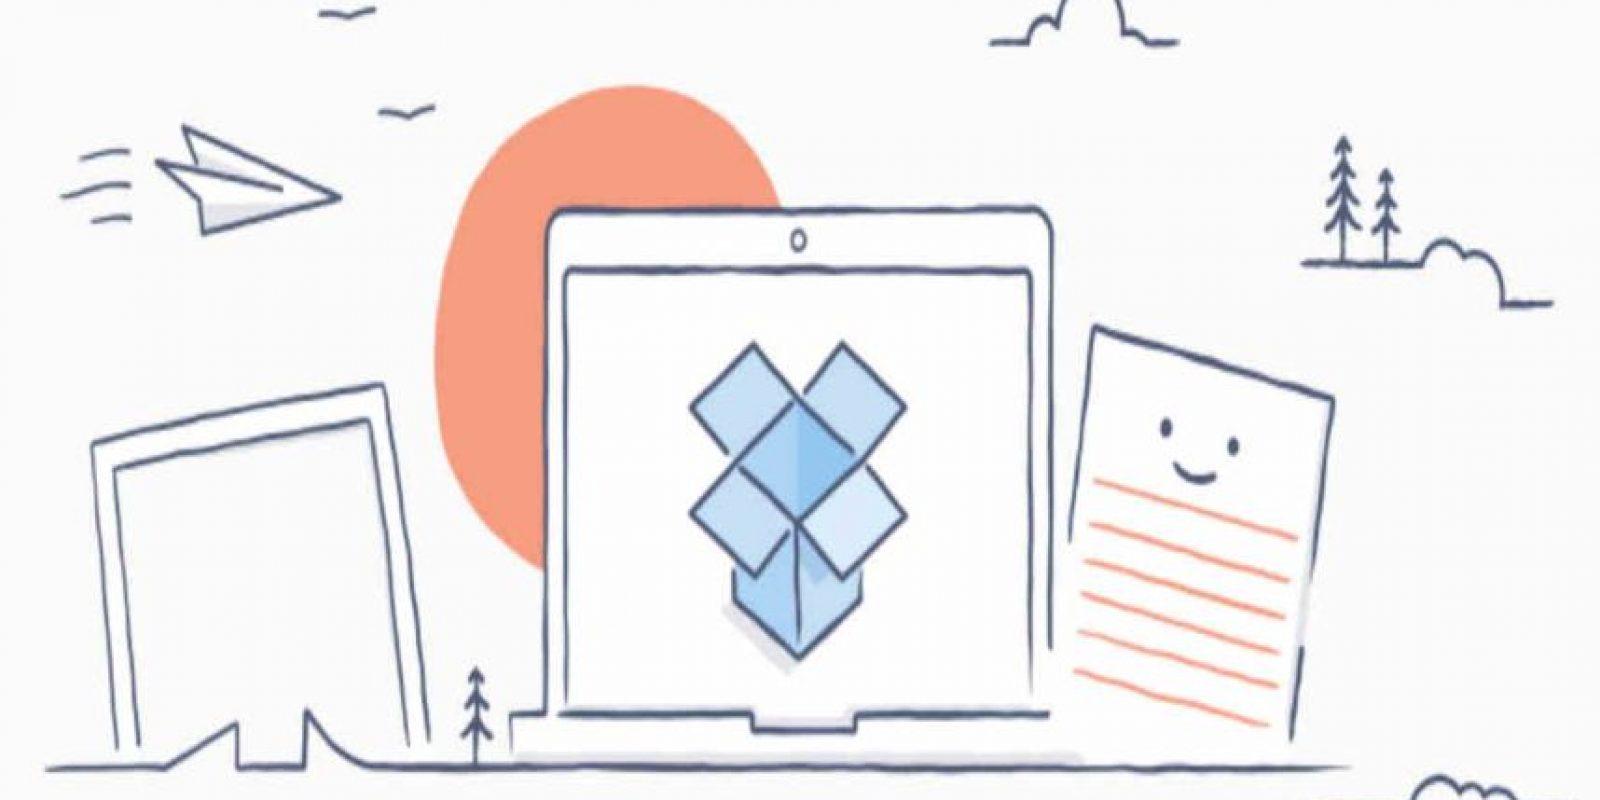 Dropbox es la compañía número uno para guardar cosas en la nube. Foto:Dropbox. Imagen Por: